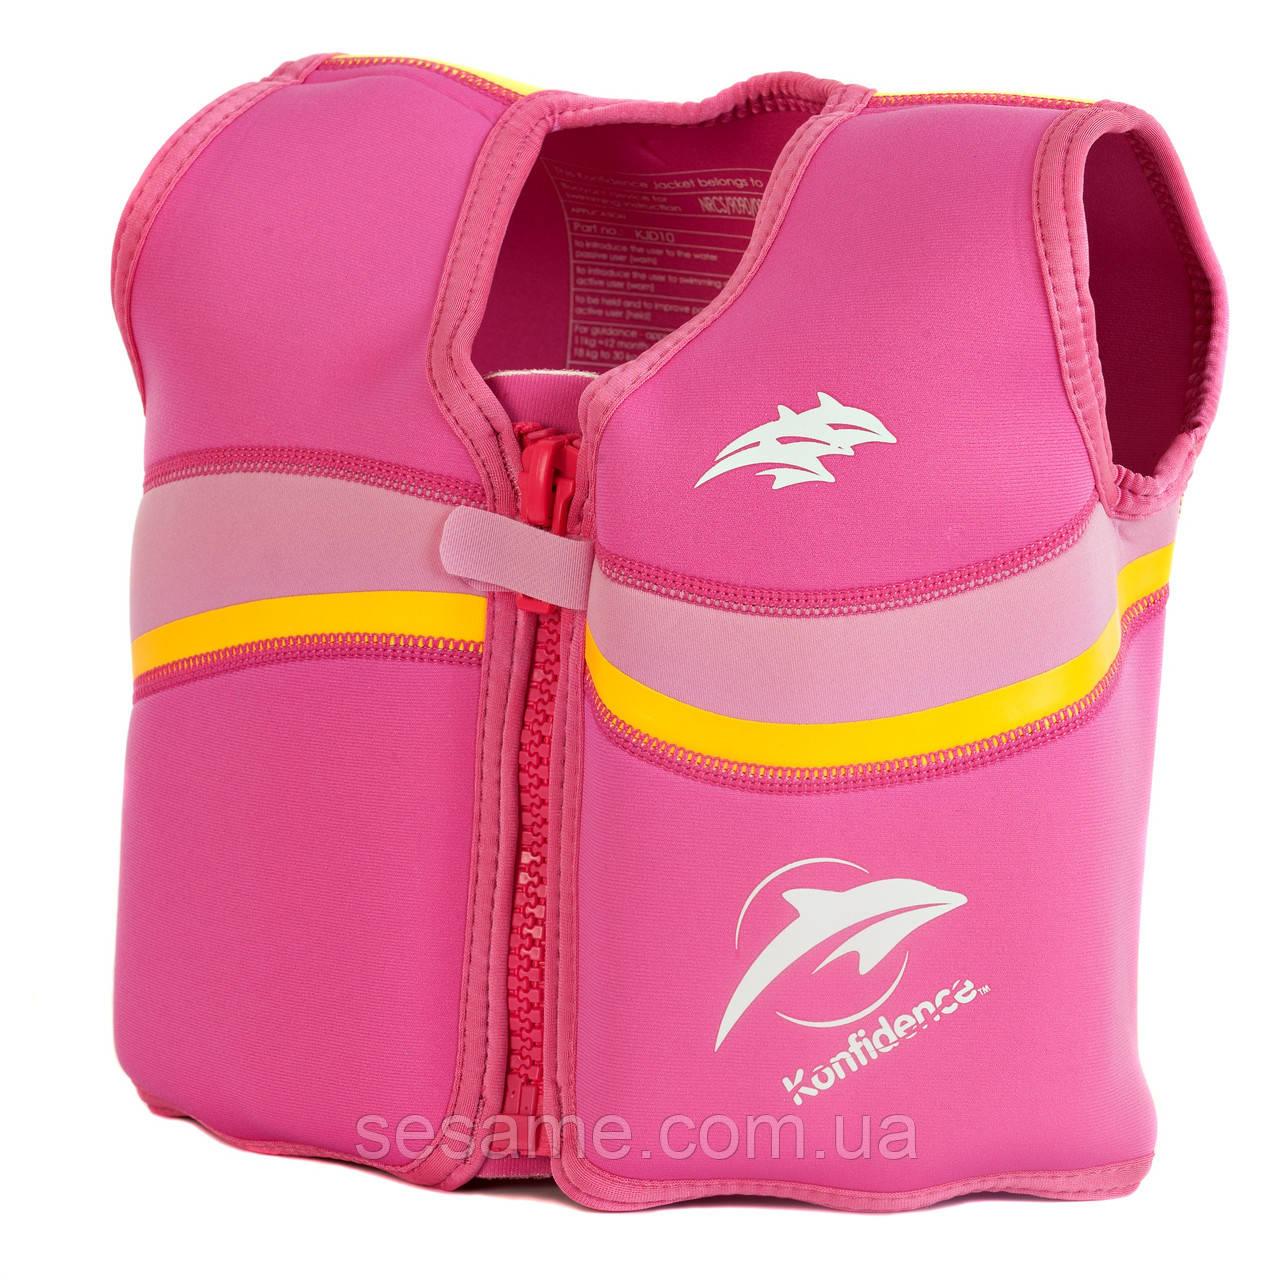 Детский плавательный жилет Konfidence Original Fuchsia/ Pink (KJD10)